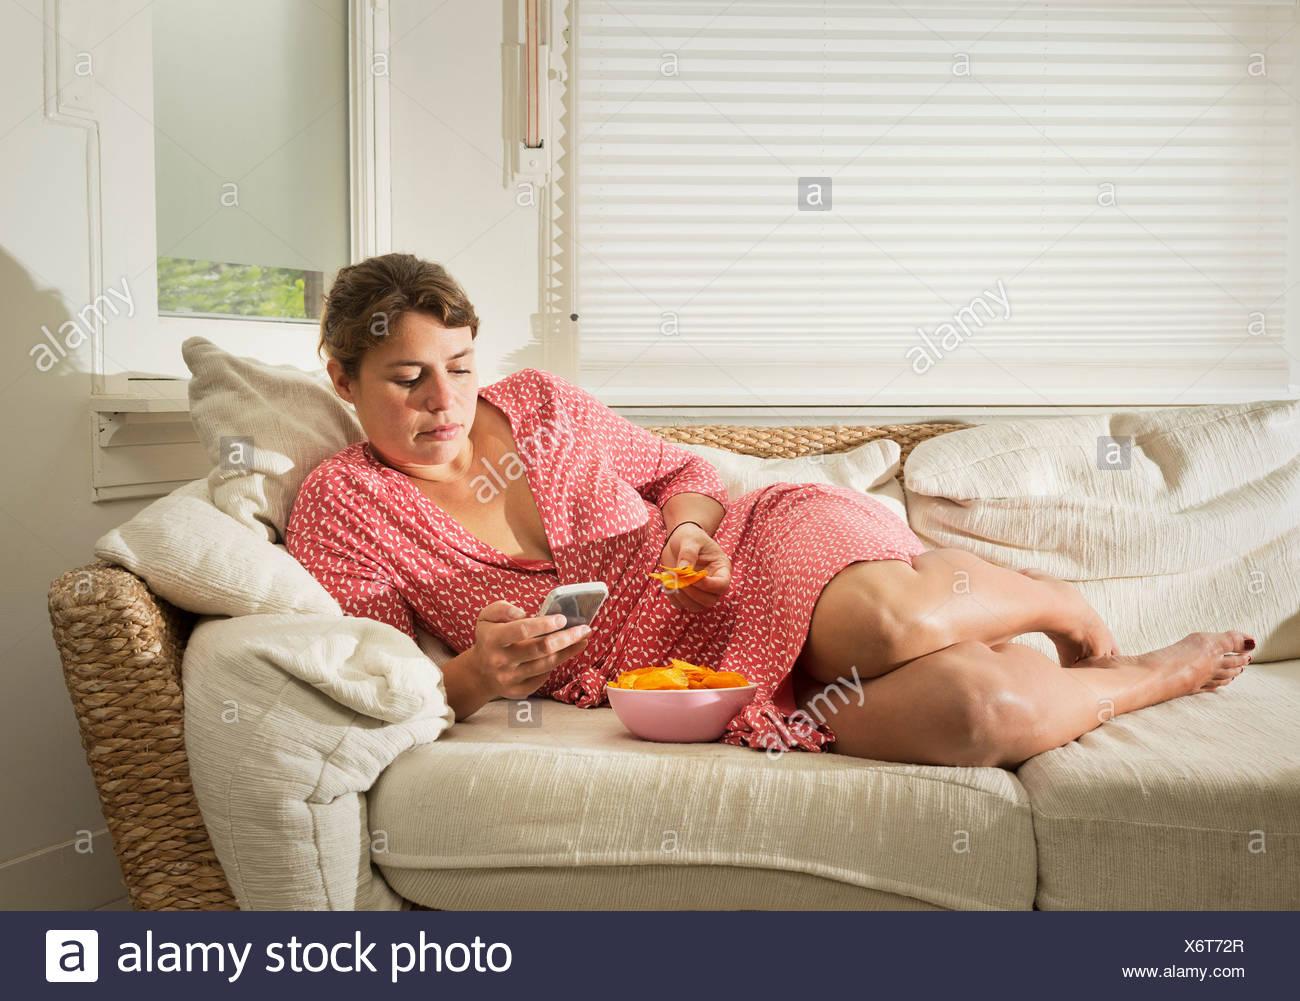 Donna sdraiata sul divano a mangiare una ciotola di patatine Immagini Stock